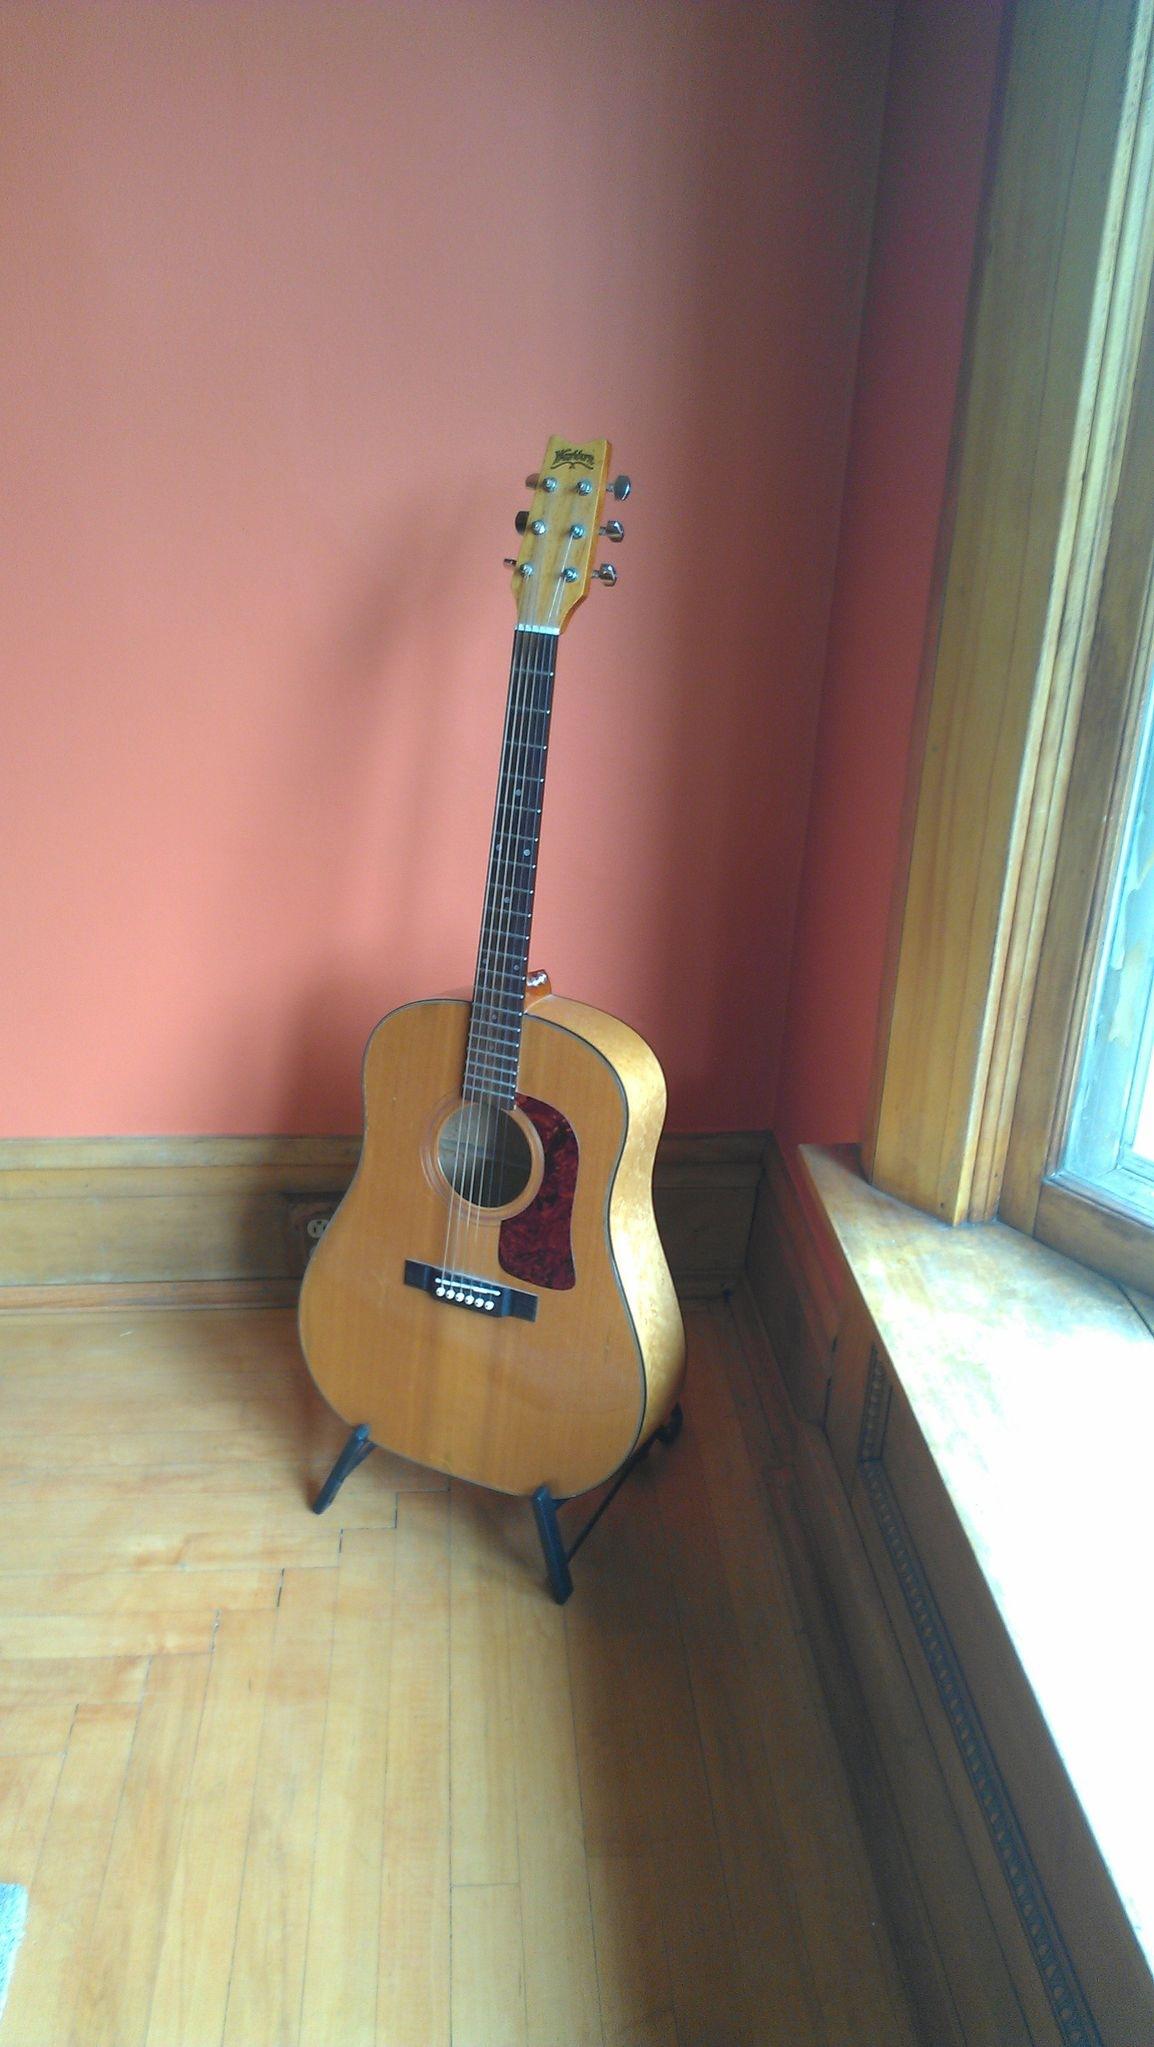 Bryan's guitar